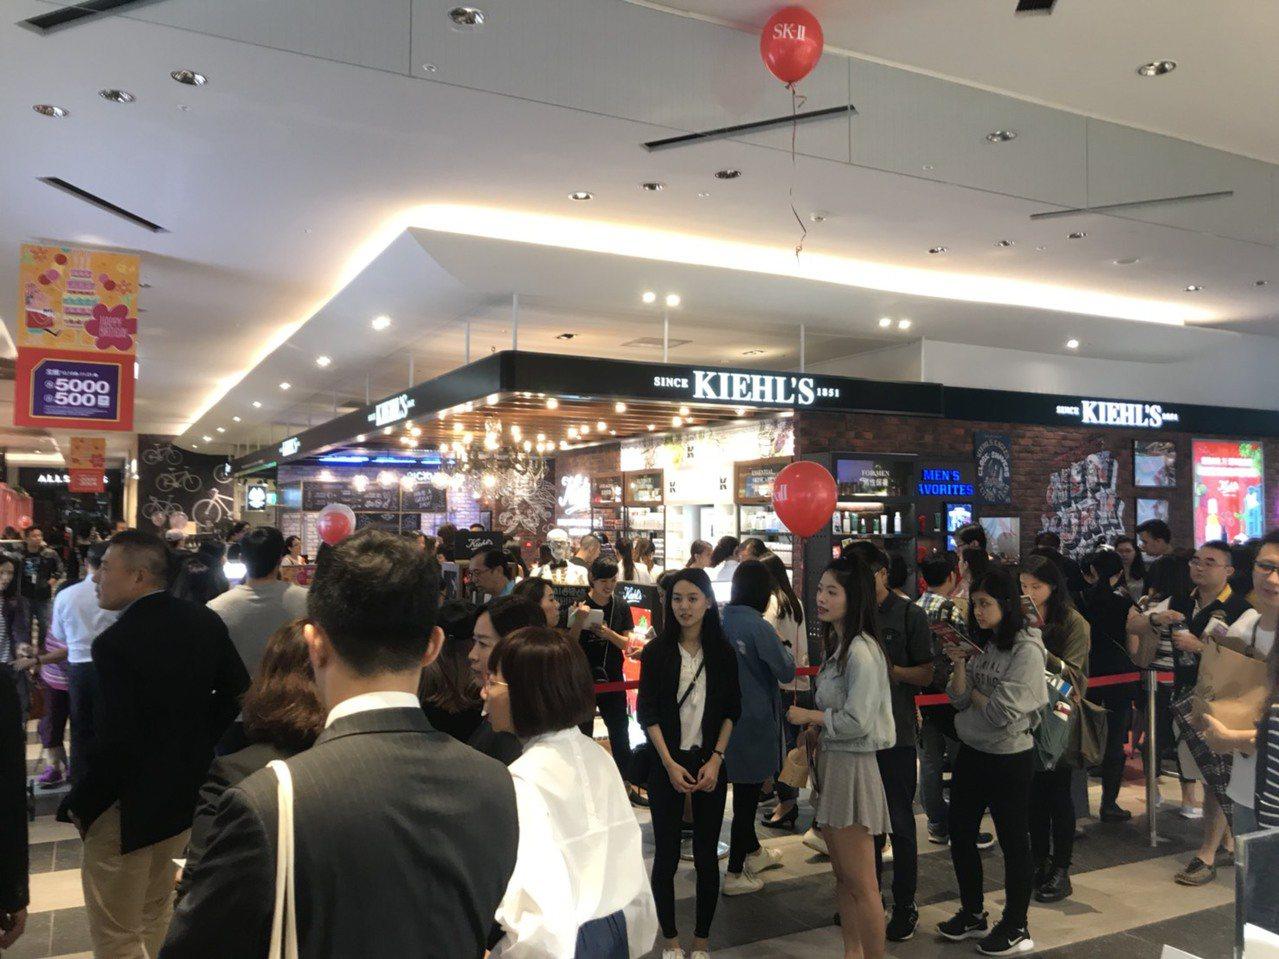 新光三越台北信義店,美妝樓面擠滿排隊搶購民眾。圖/新光三越提供